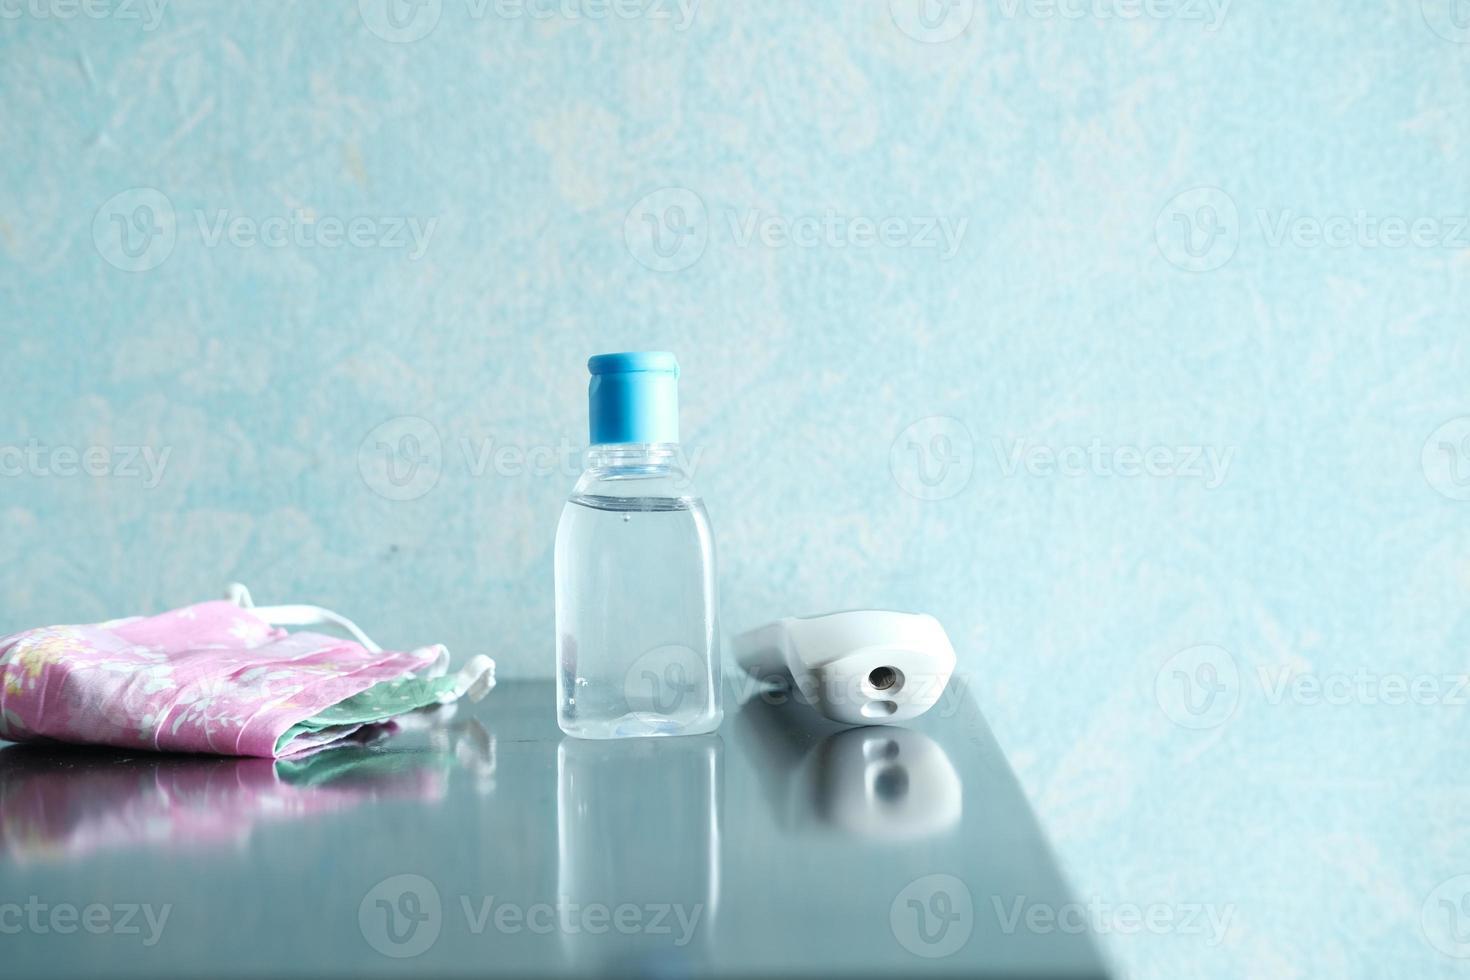 masques chirurgicaux, thermomètre et désinfectant pour les mains sur la table photo